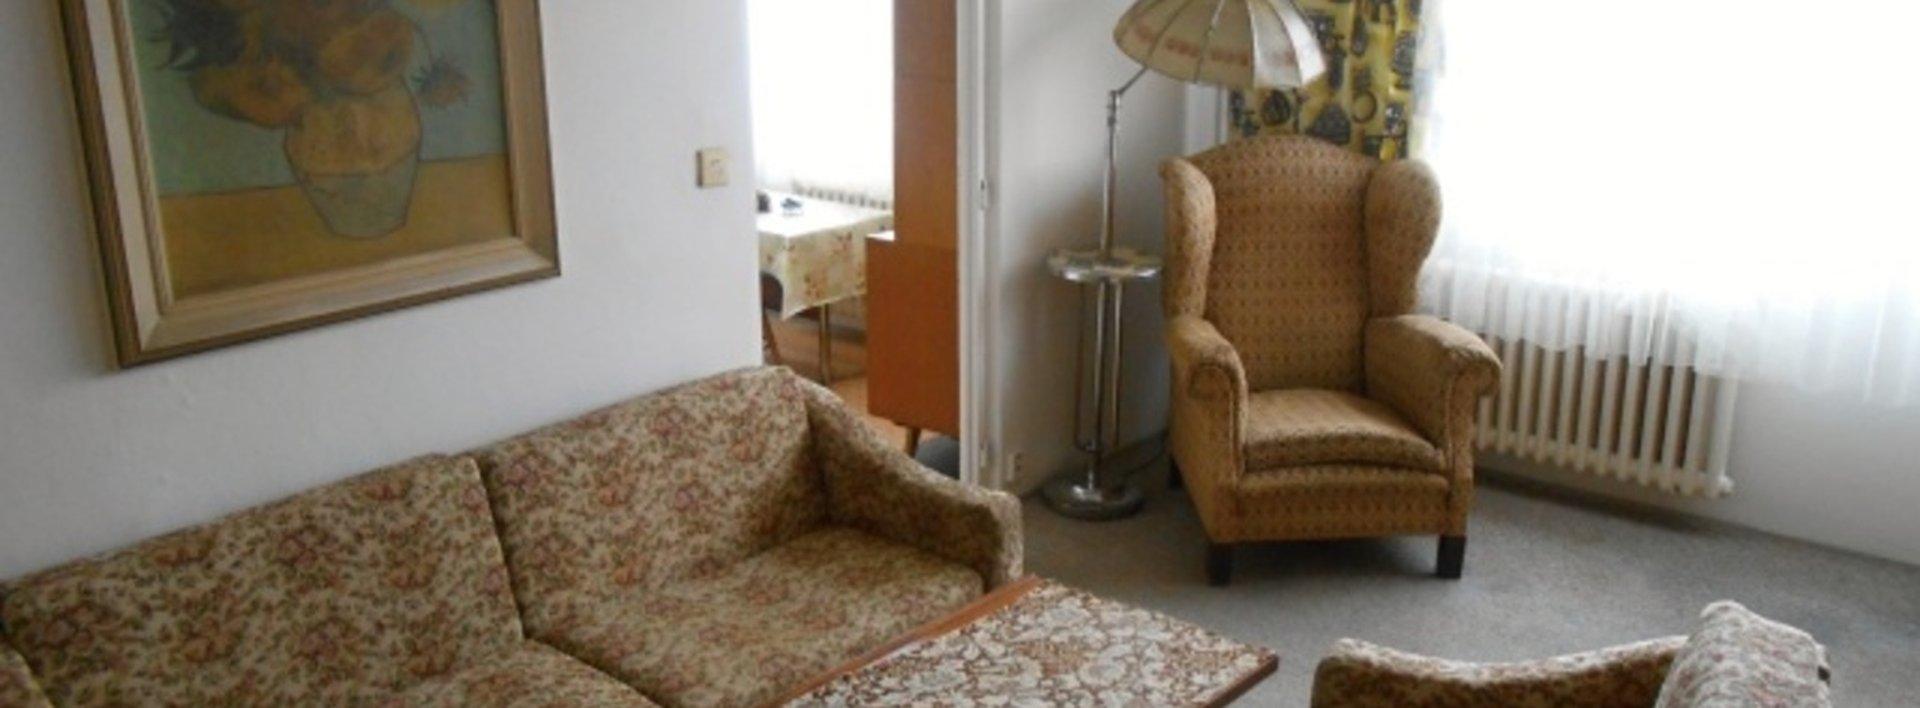 Slunný byt 1+1, 36 m2, v žádané lokalitě LBC-Ruprechtice, Ev.č.: N46515